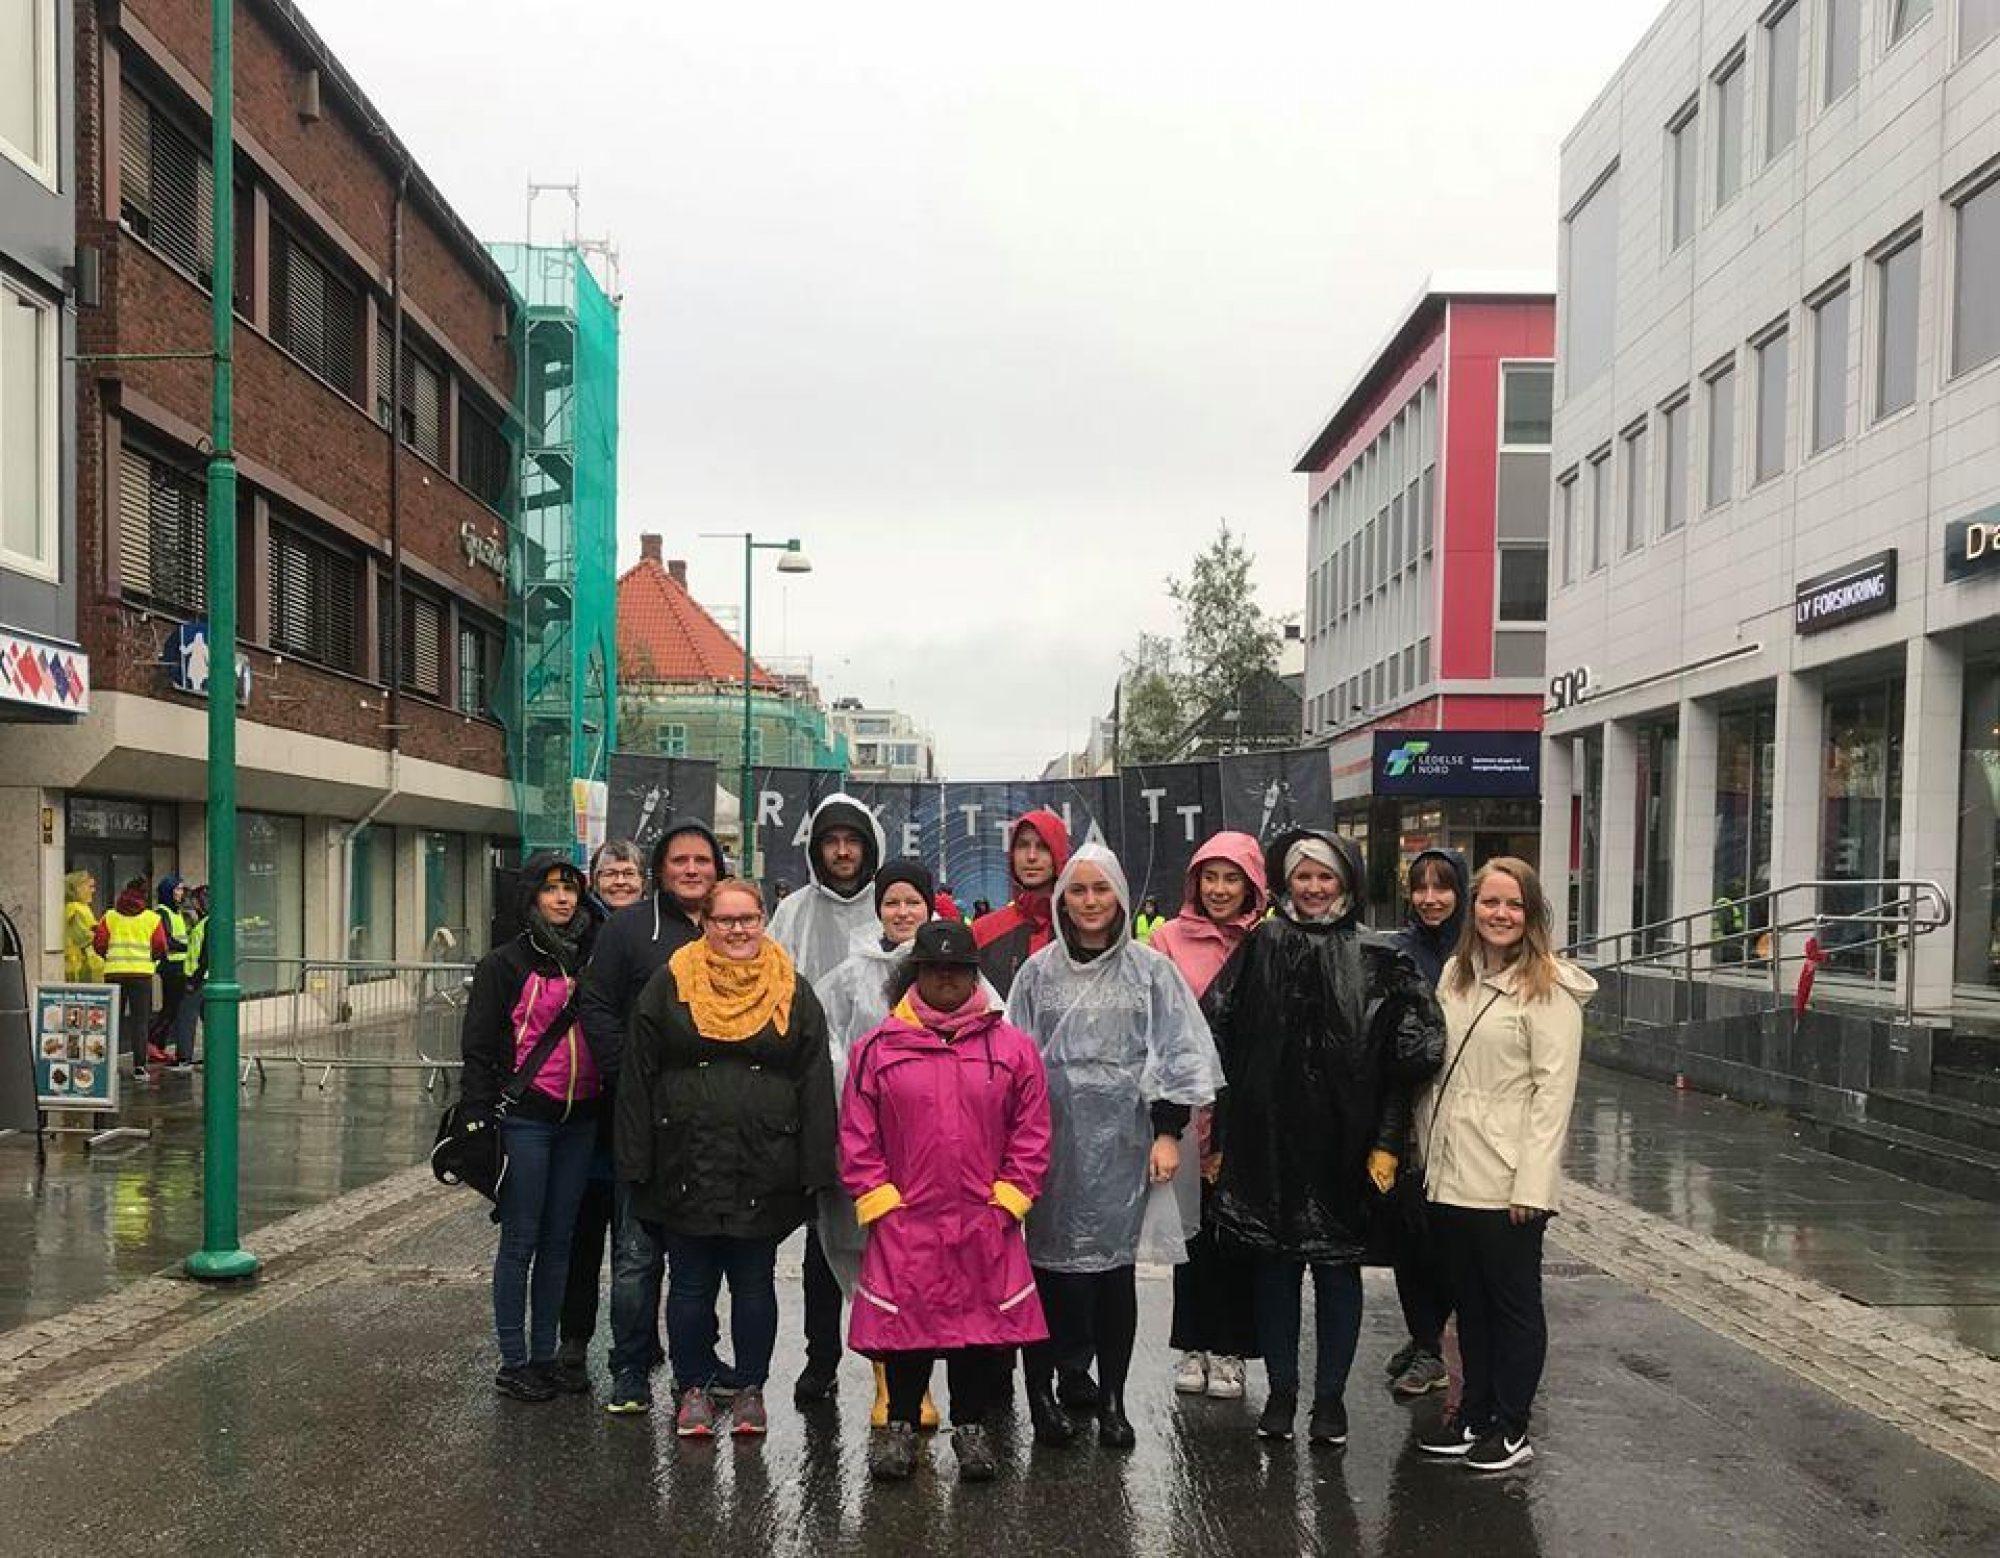 deltagere i regnet